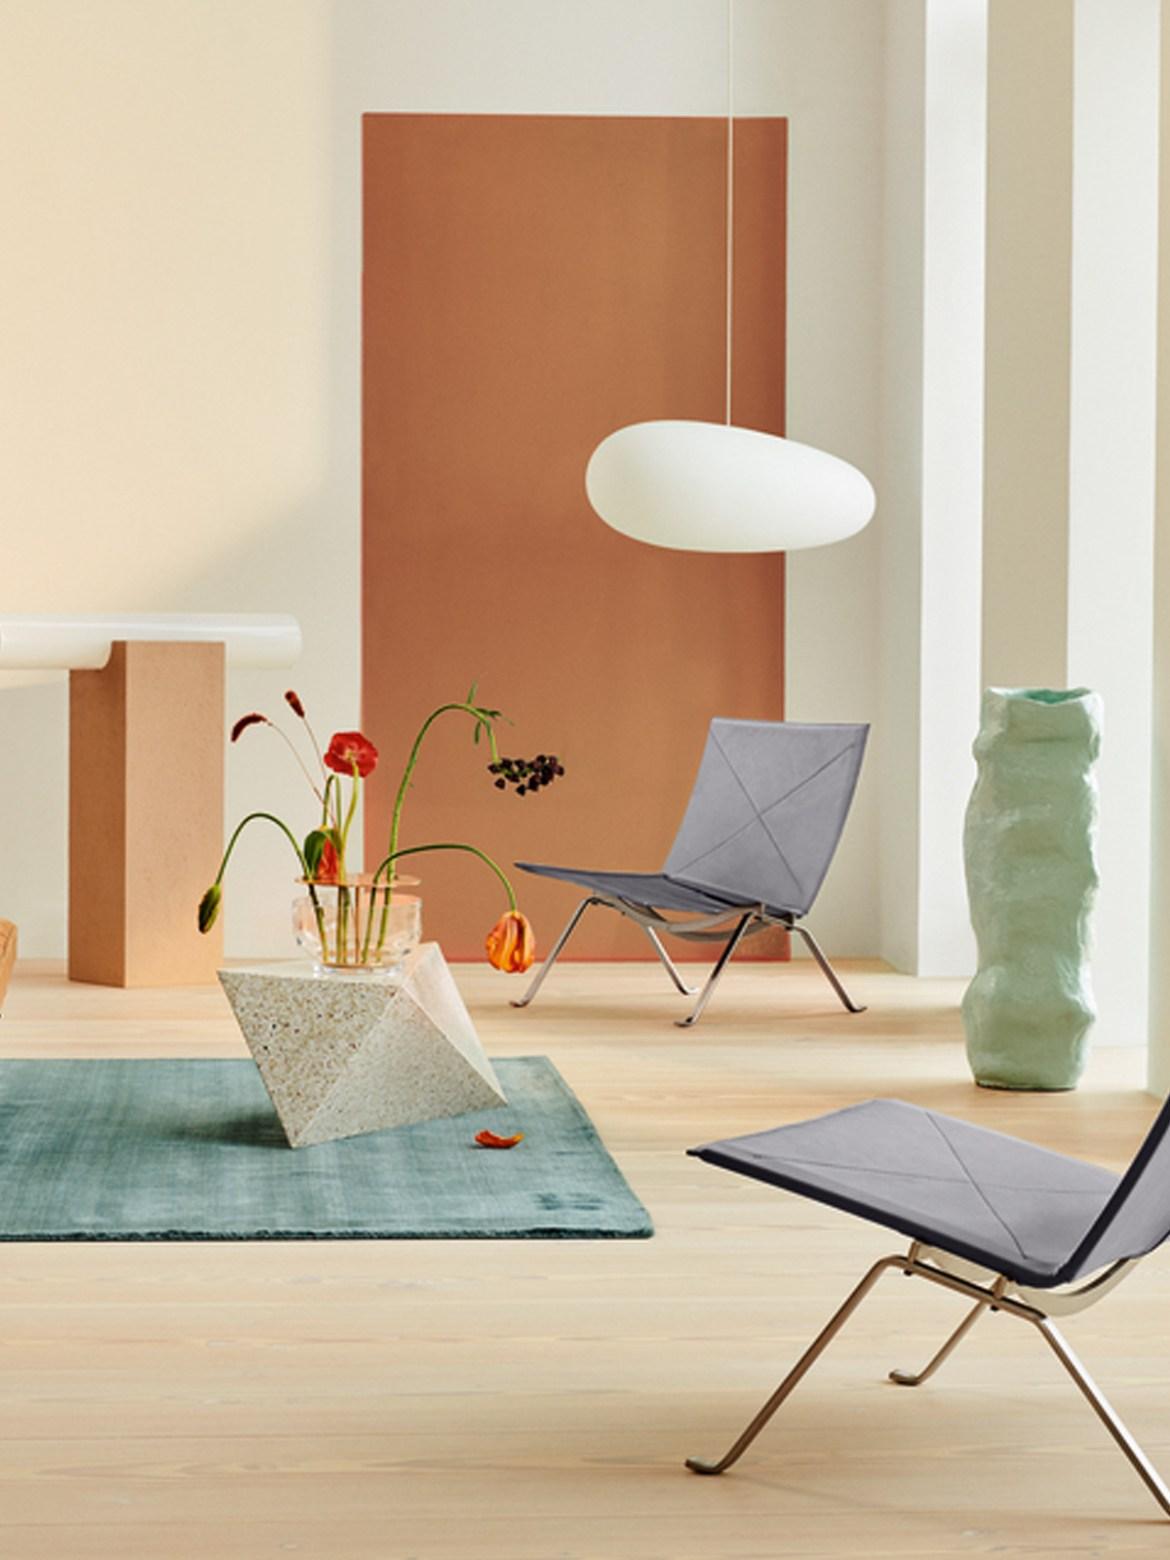 DesignOrt Lampen Blog: Dänische Designerleuchten Weiße Leuchte Avion von Lightyears